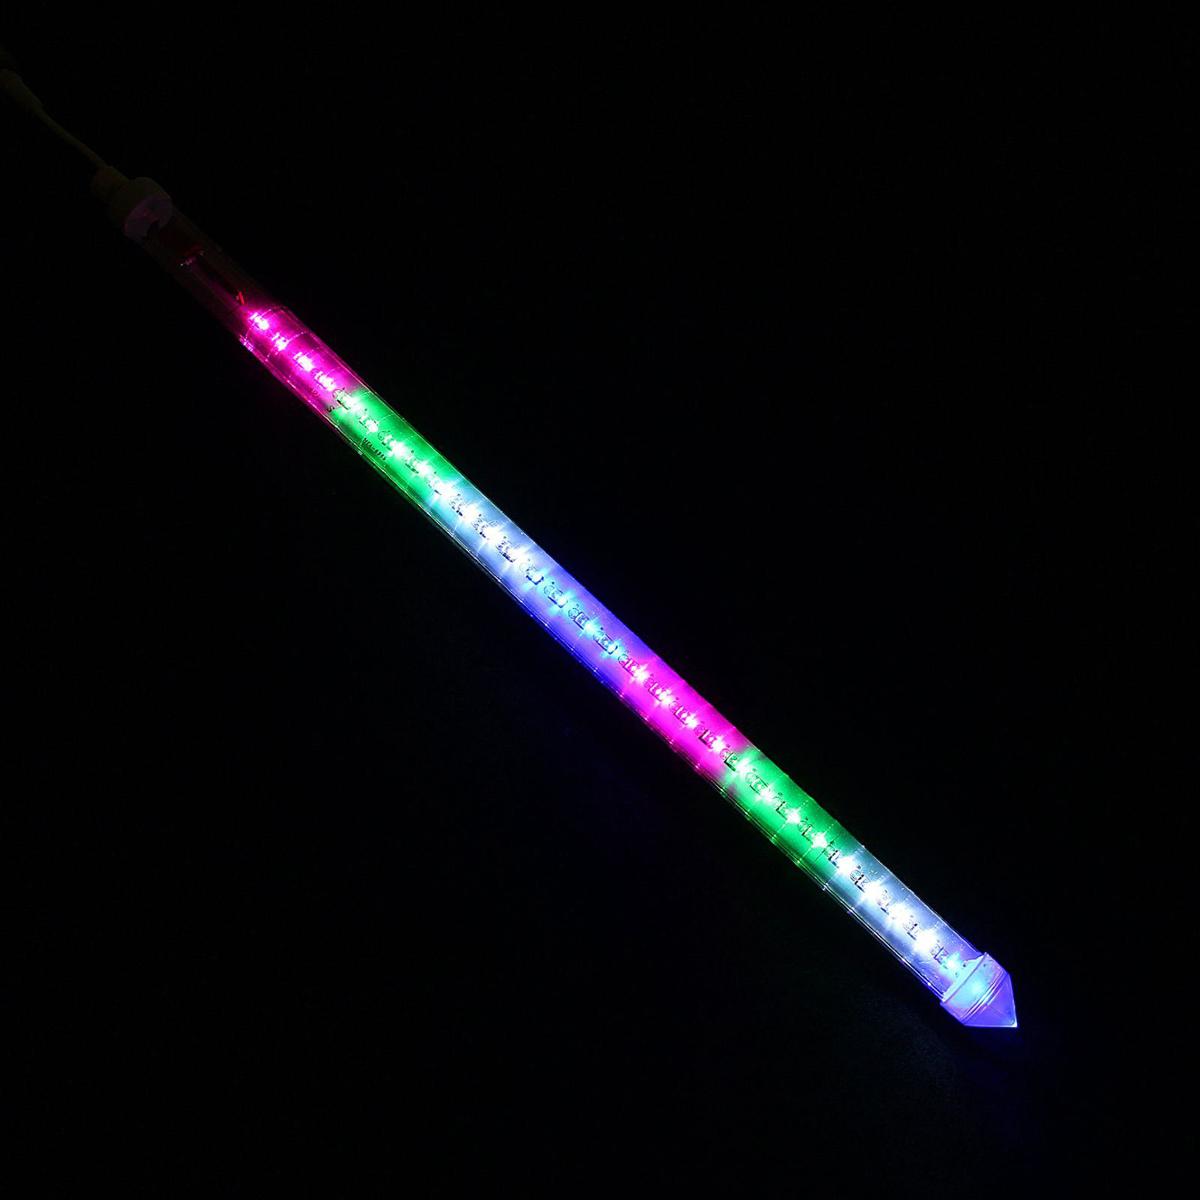 Светодиодная сосулька Luazon Тающая, длина 0,5 м, диаметр 3 см, 2W, LED 30 ламп, 220V, цвет: мультиколор501-043Светодиодные гирлянды, ленты и т.д — это отличный вариант для новогоднего оформления интерьера или фасада. С их помощью помещение любого размера можно превратить в праздничный зал, а внешние элементы зданий, украшенные ими, мгновенно станут напоминать очертания сказочного дворца. Такие украшения создают ауру предвкушения чуда. Деревья, фасады, витрины, окна и арки будто специально созданы, чтобы вы украсили их светящимися нитями.